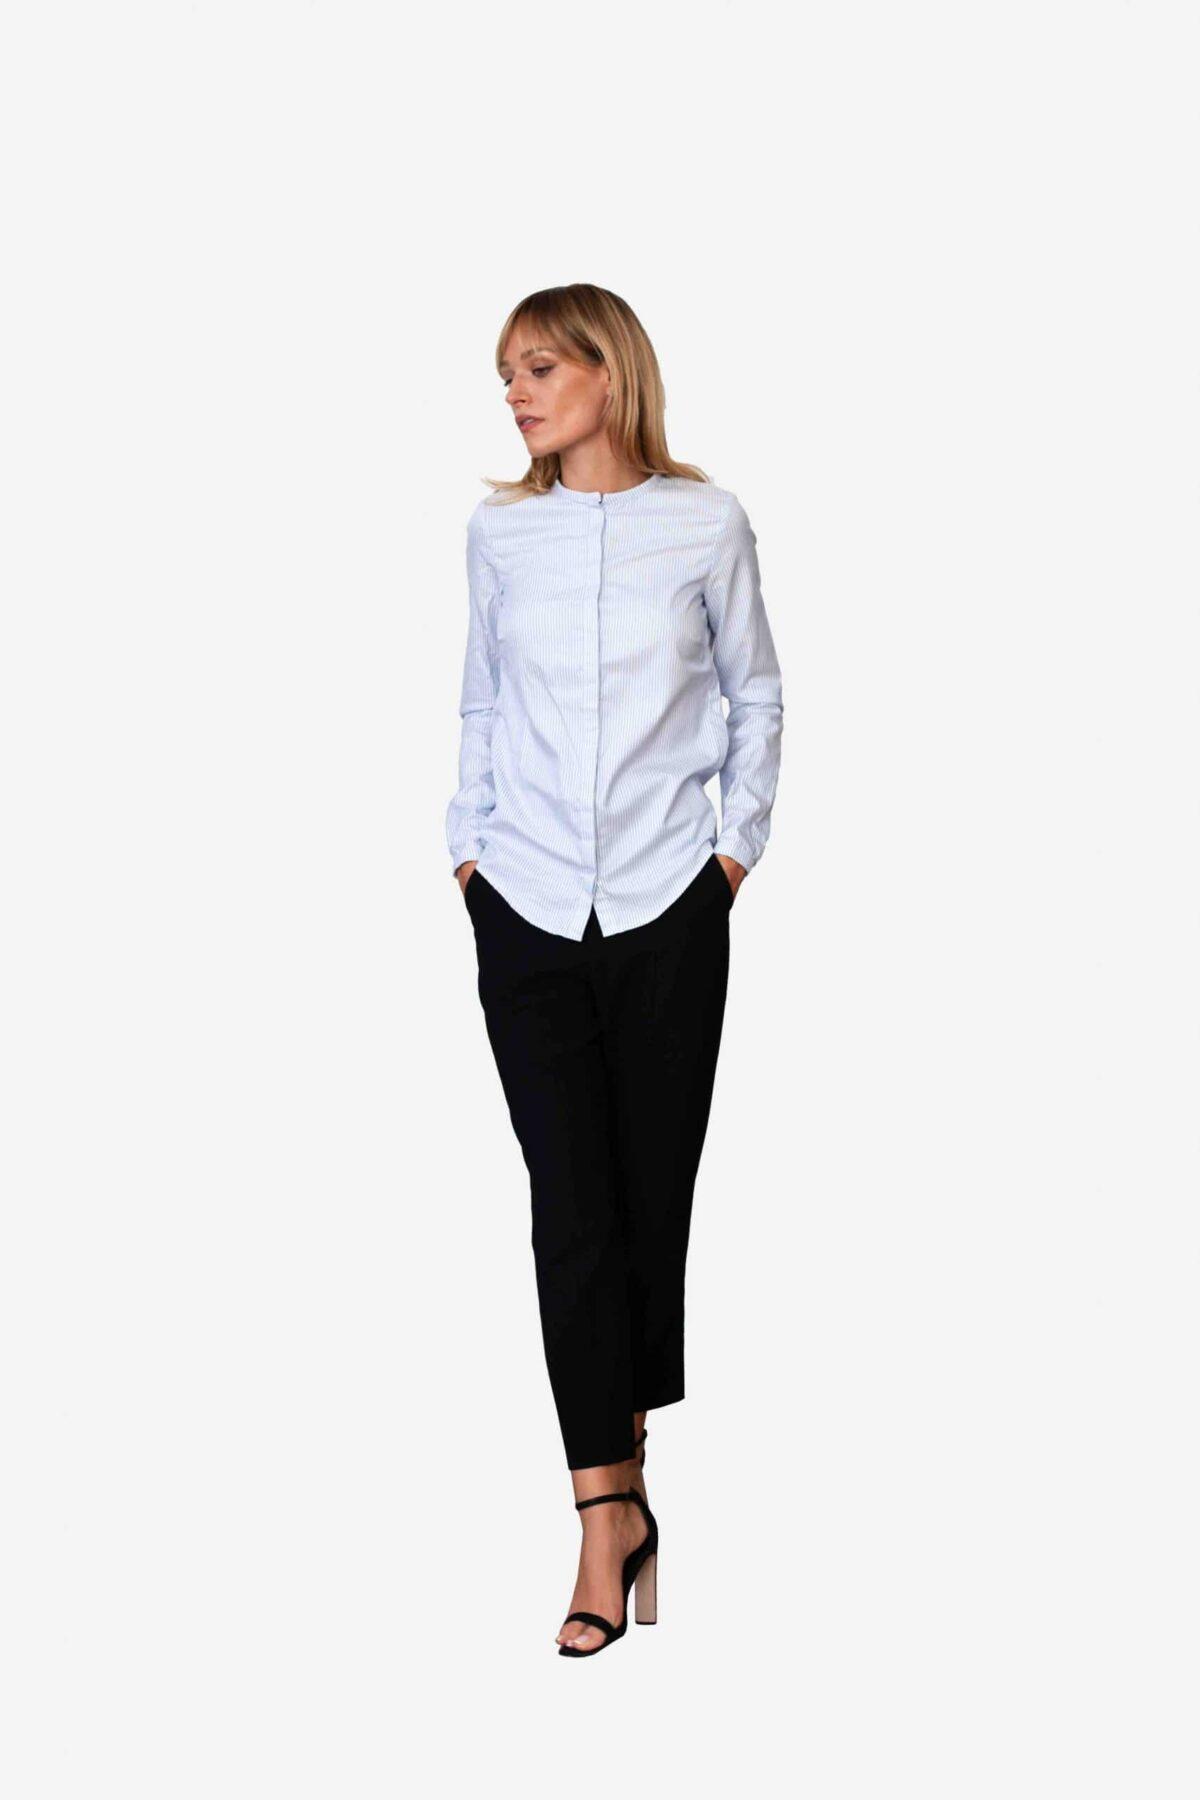 Bluse Estelle von SANOGE. Blau weiß gestreifte Bluse mit Stehkragen